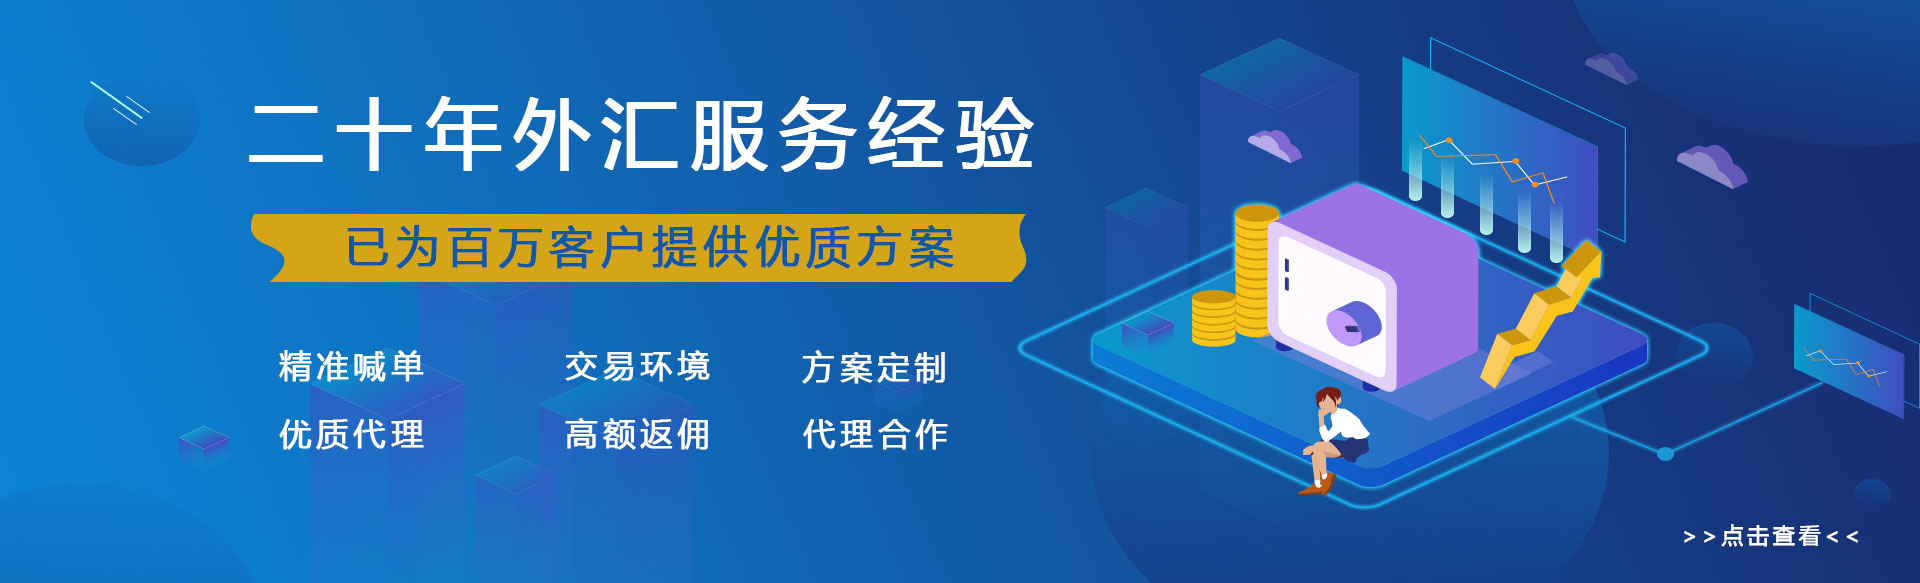 外汇阁-外汇服务二十年,服务用户过百万!